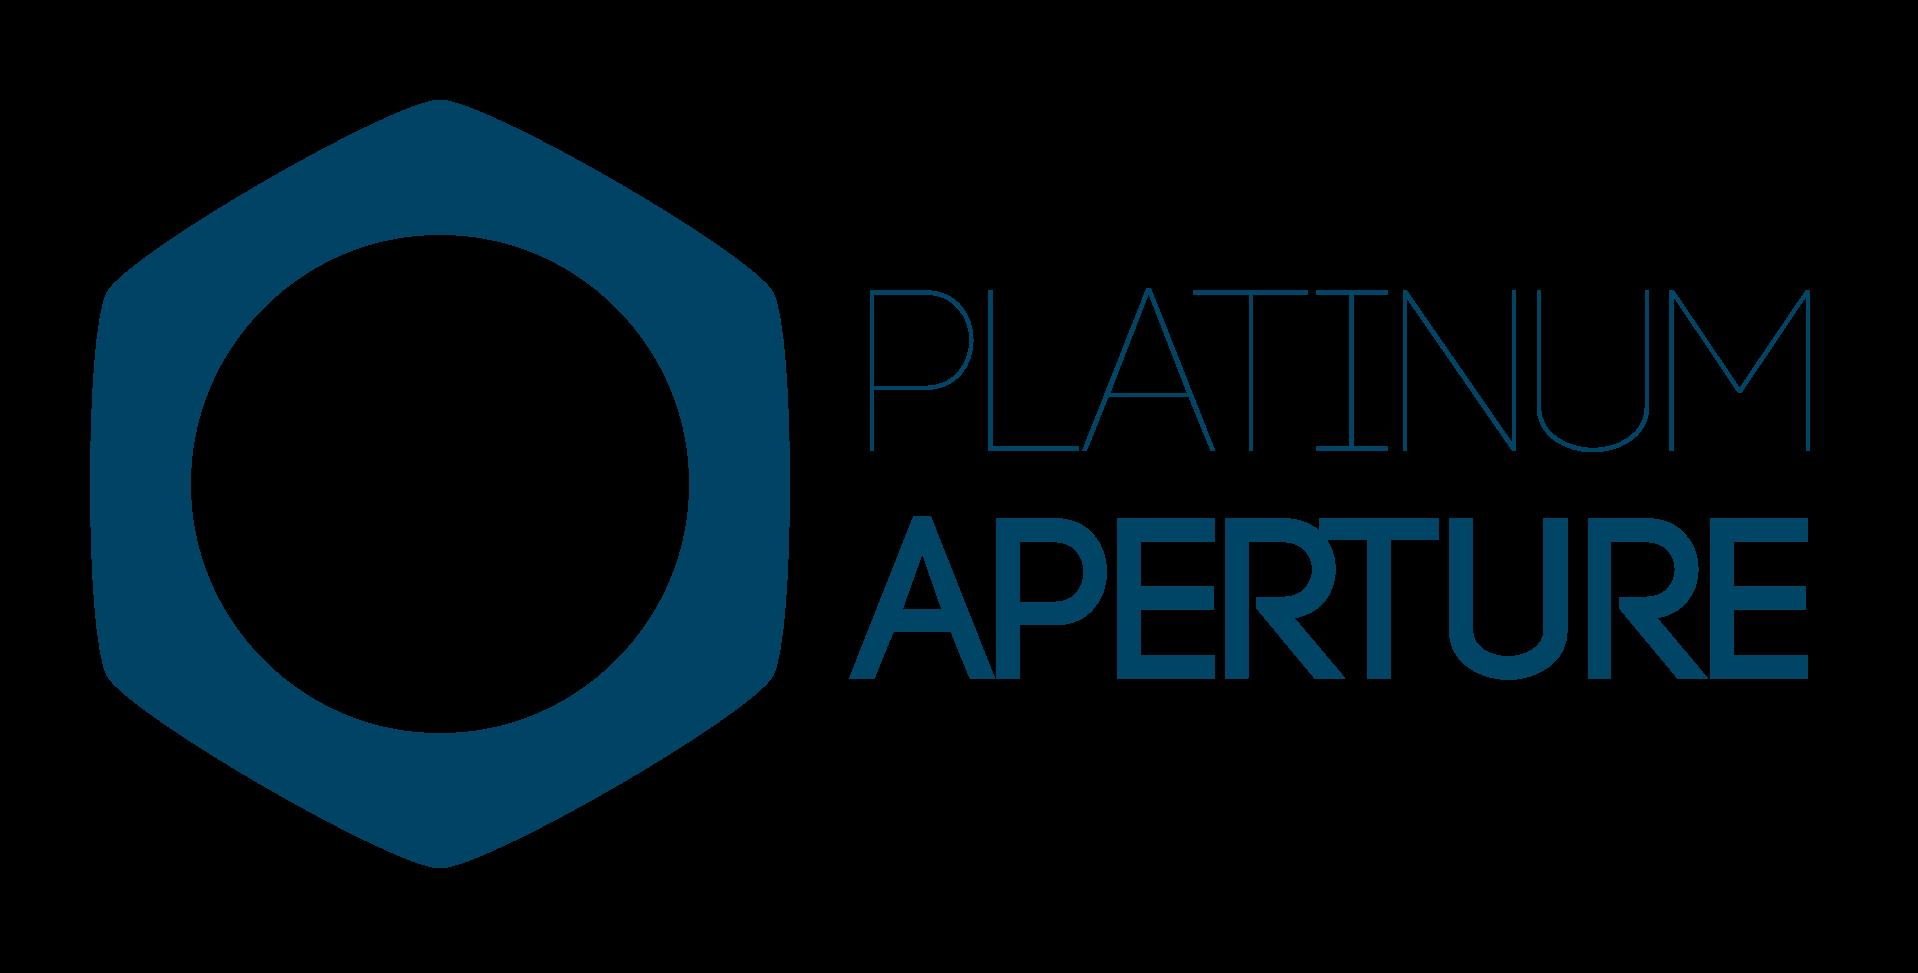 Platinum Aperture